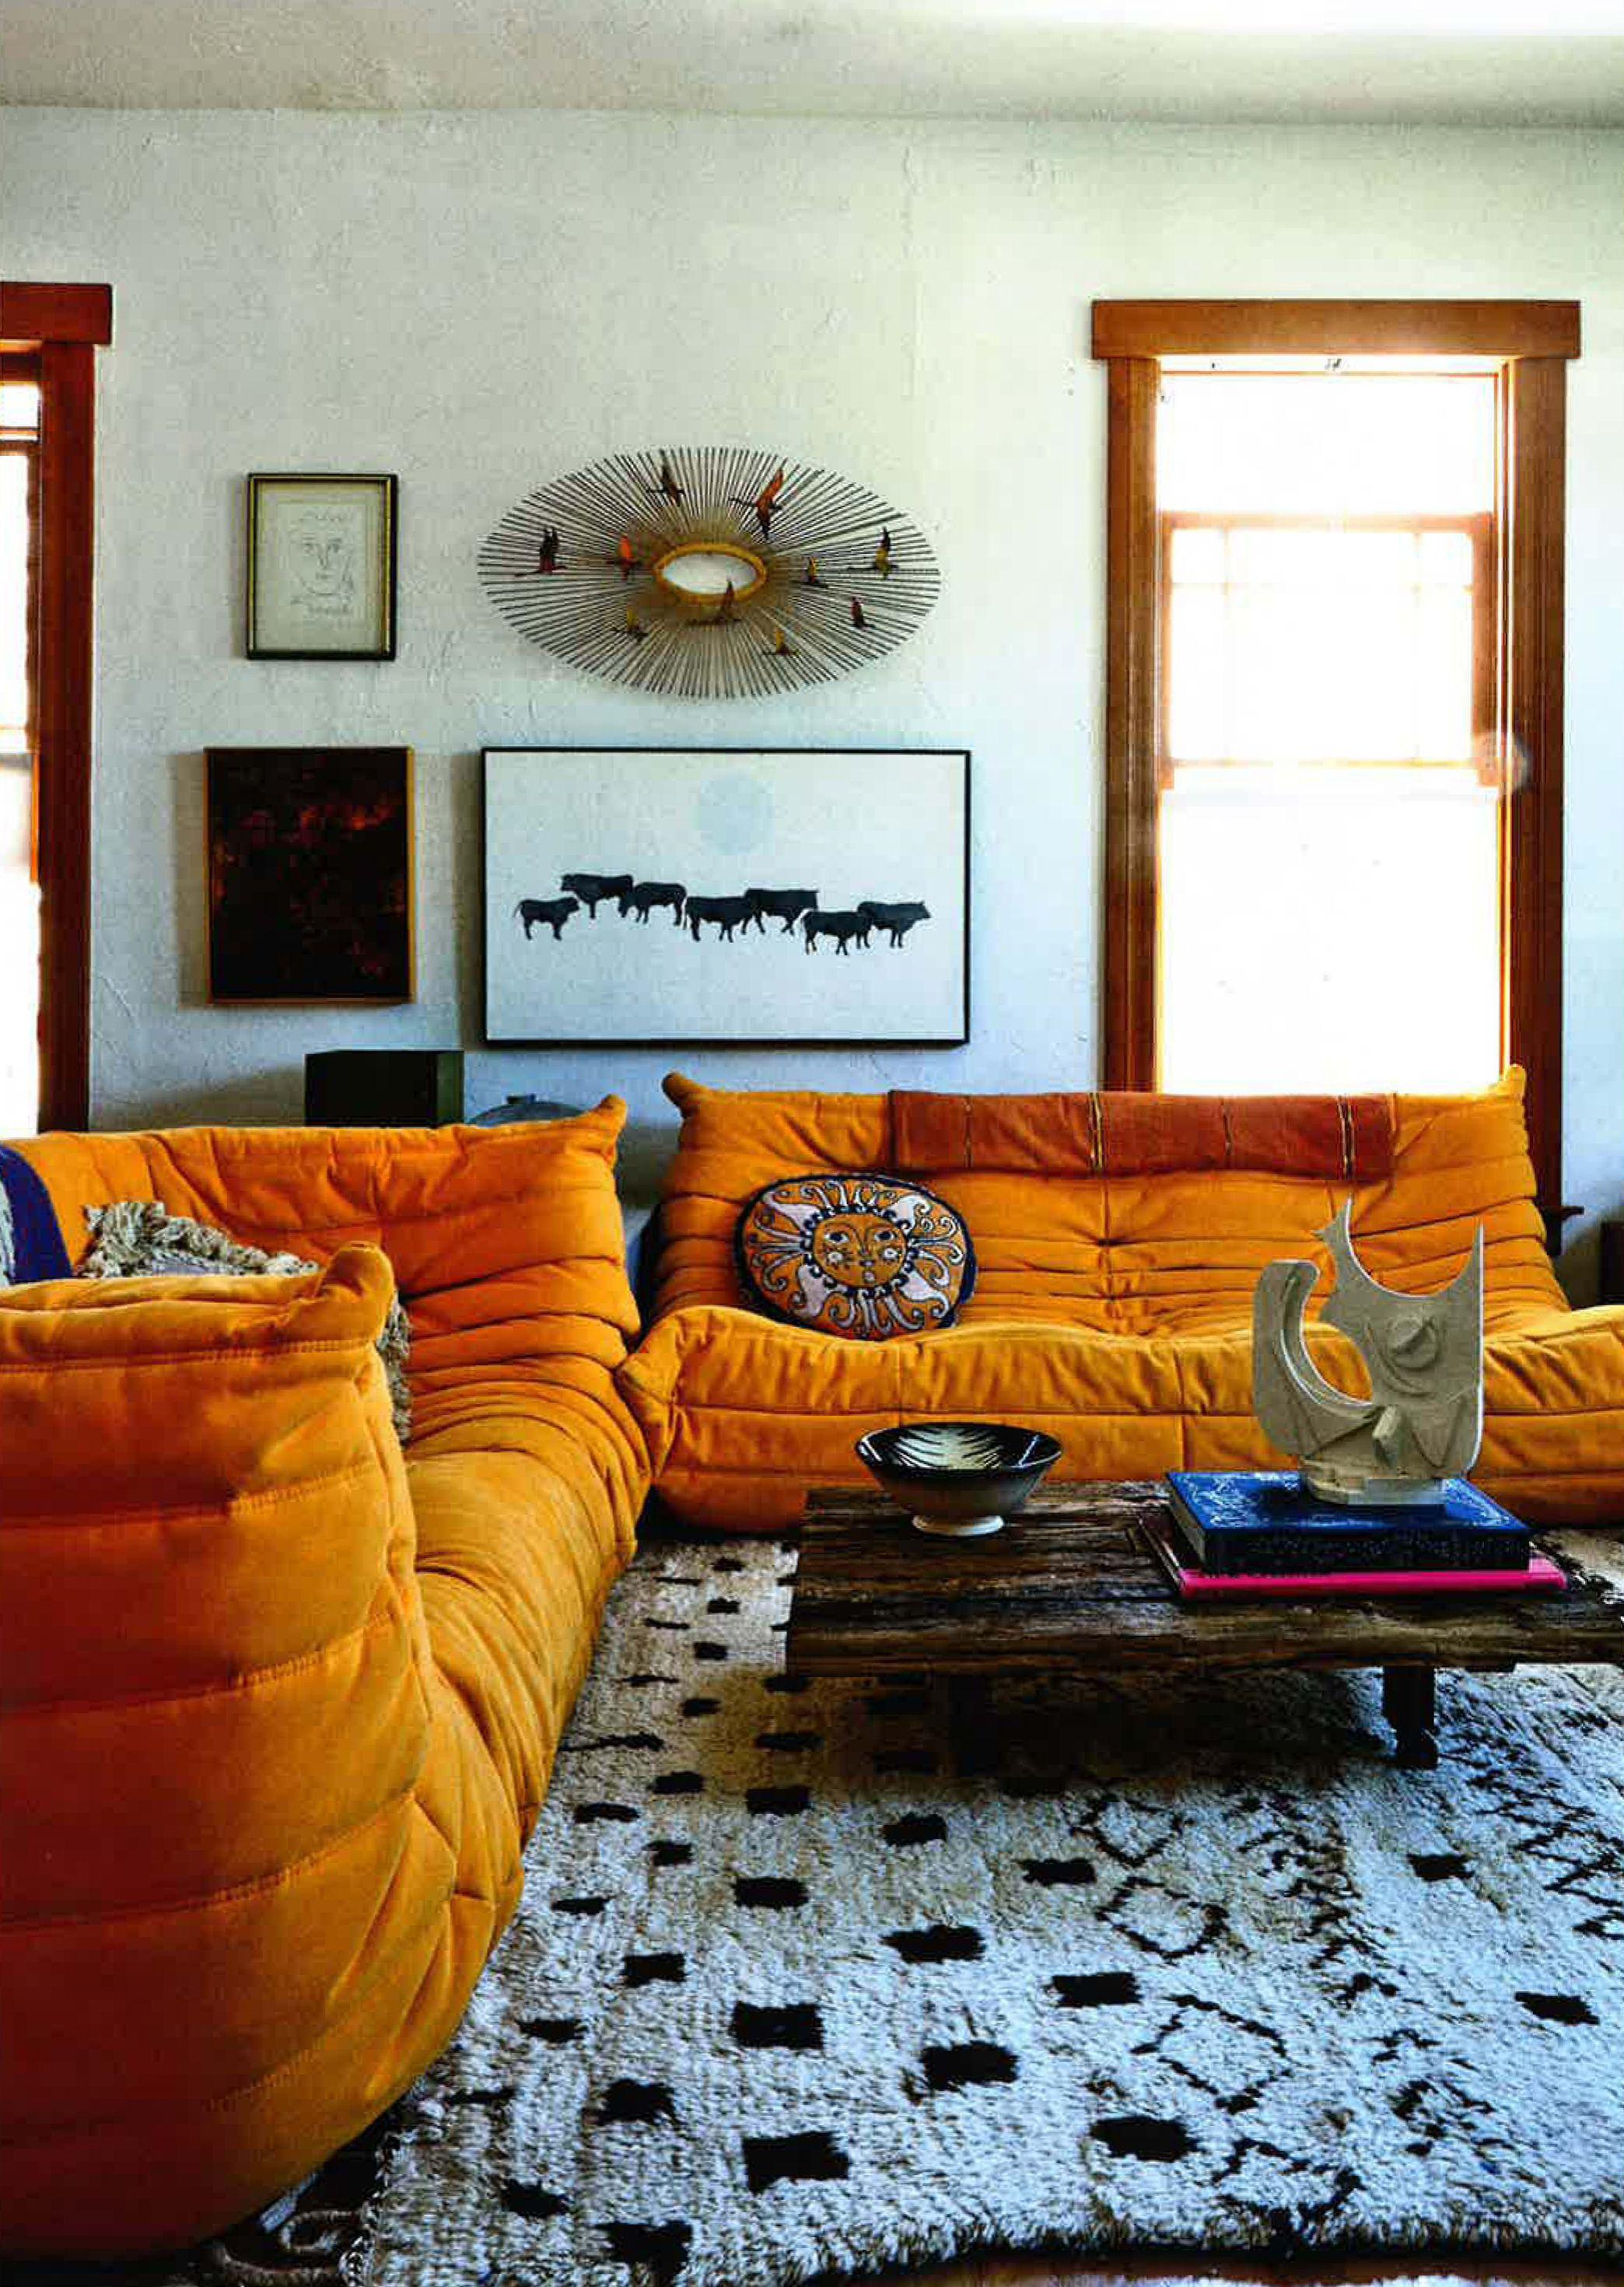 elle decoration august 2015 shayne blue 39 s los angeles home photography martin lof orange togo. Black Bedroom Furniture Sets. Home Design Ideas